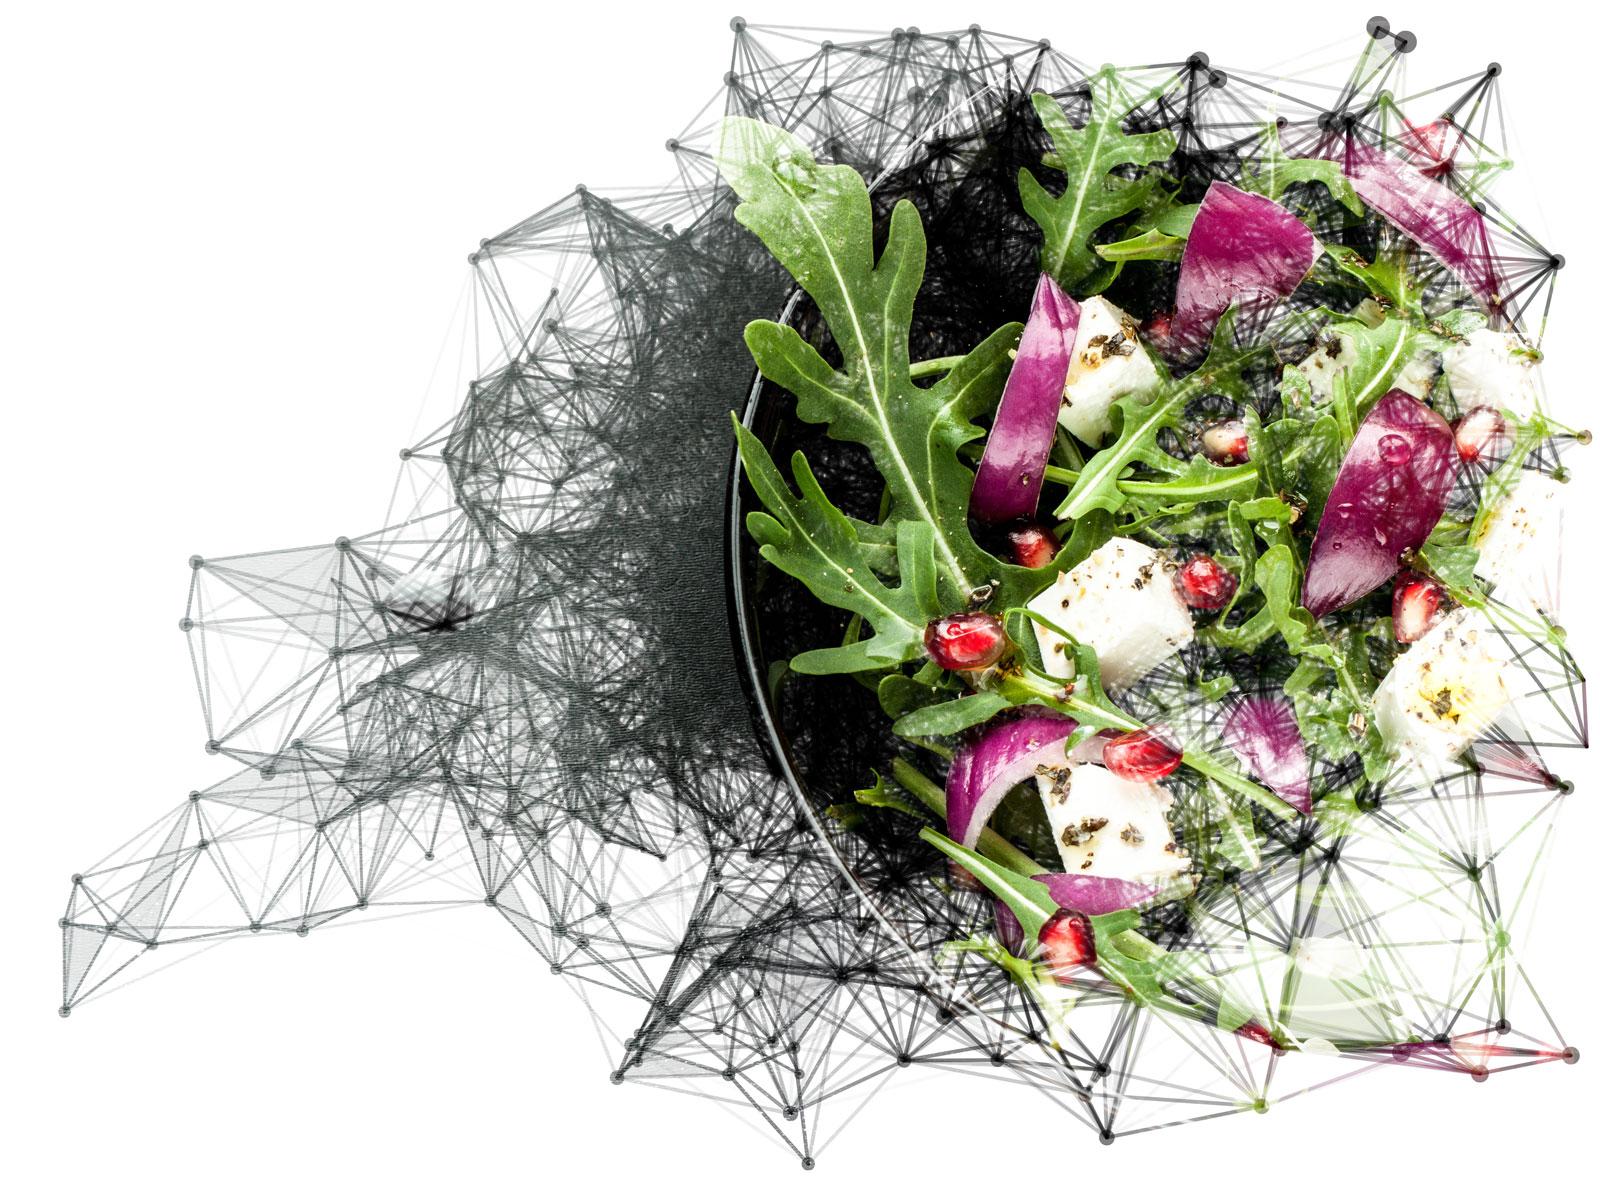 Zeller lé diéta - Fogyni zeller botok